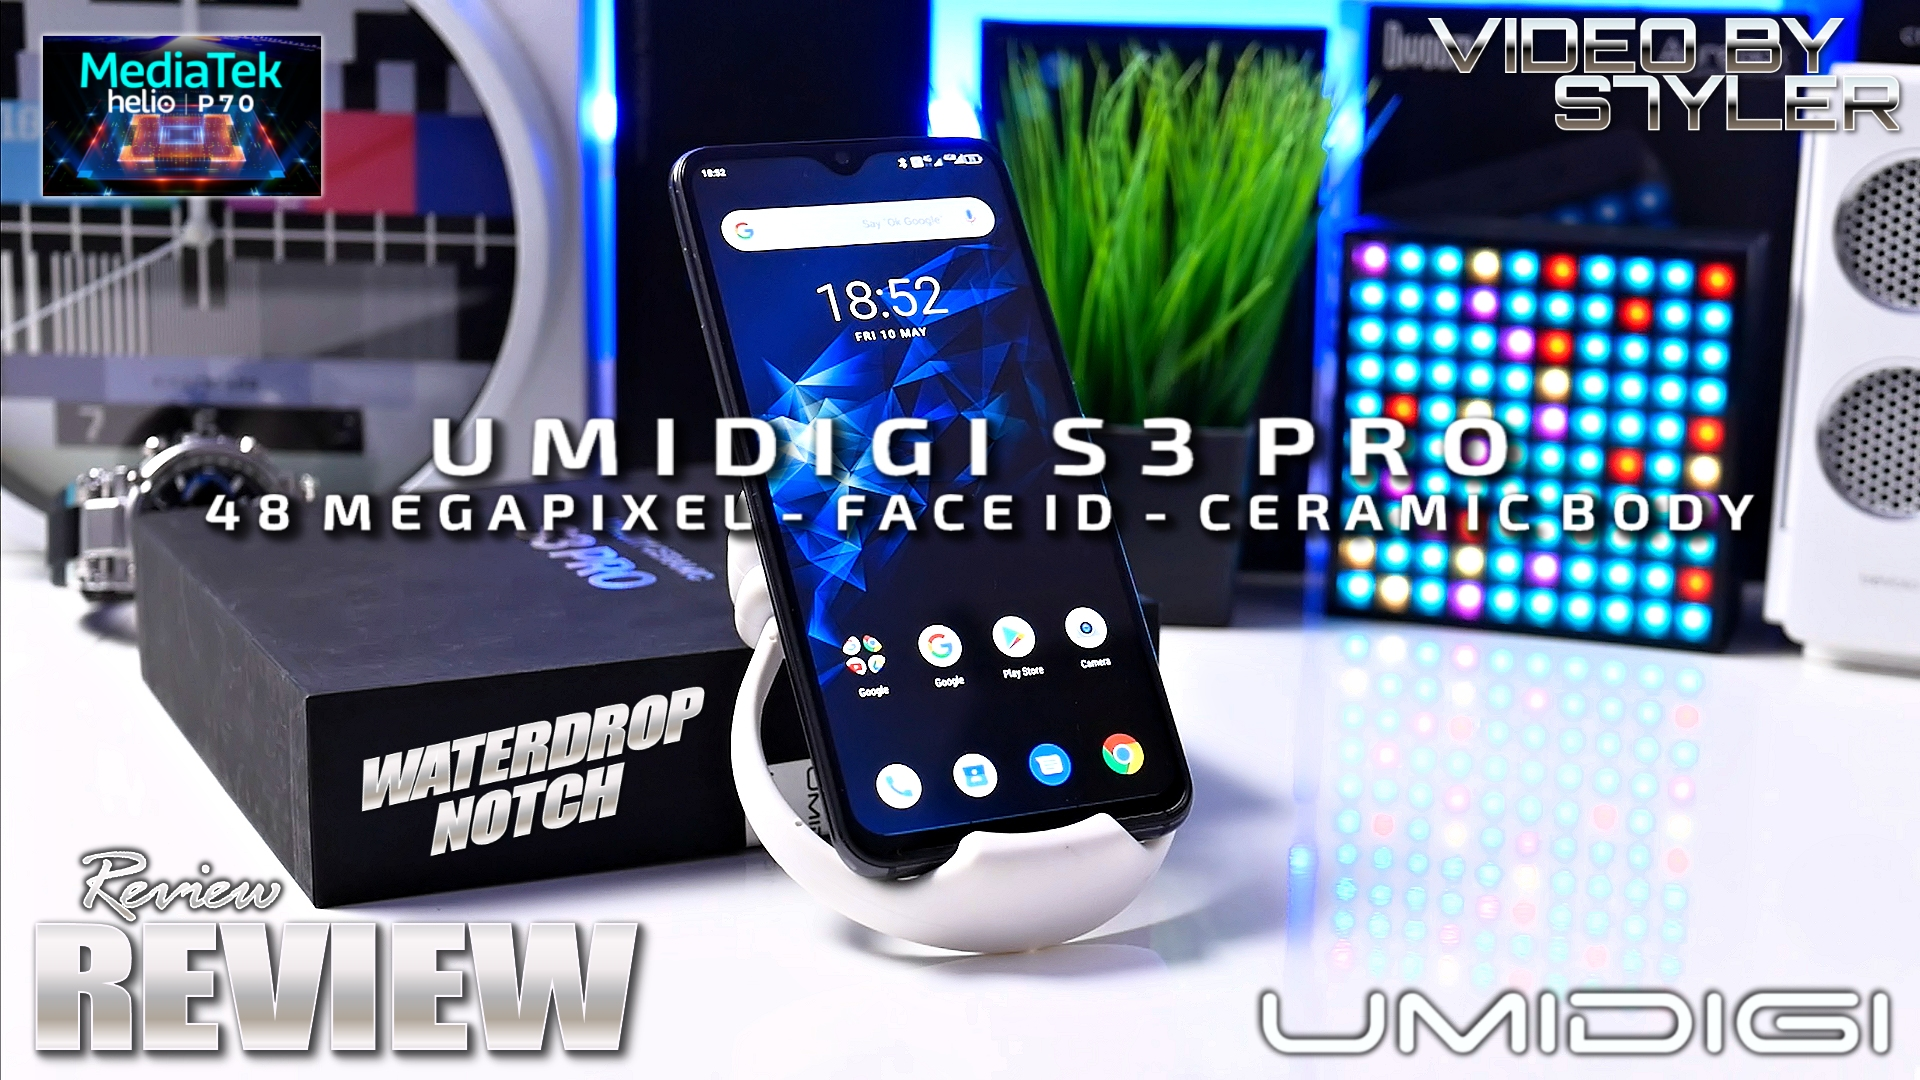 UMIDIGI S3 Pro.jpg